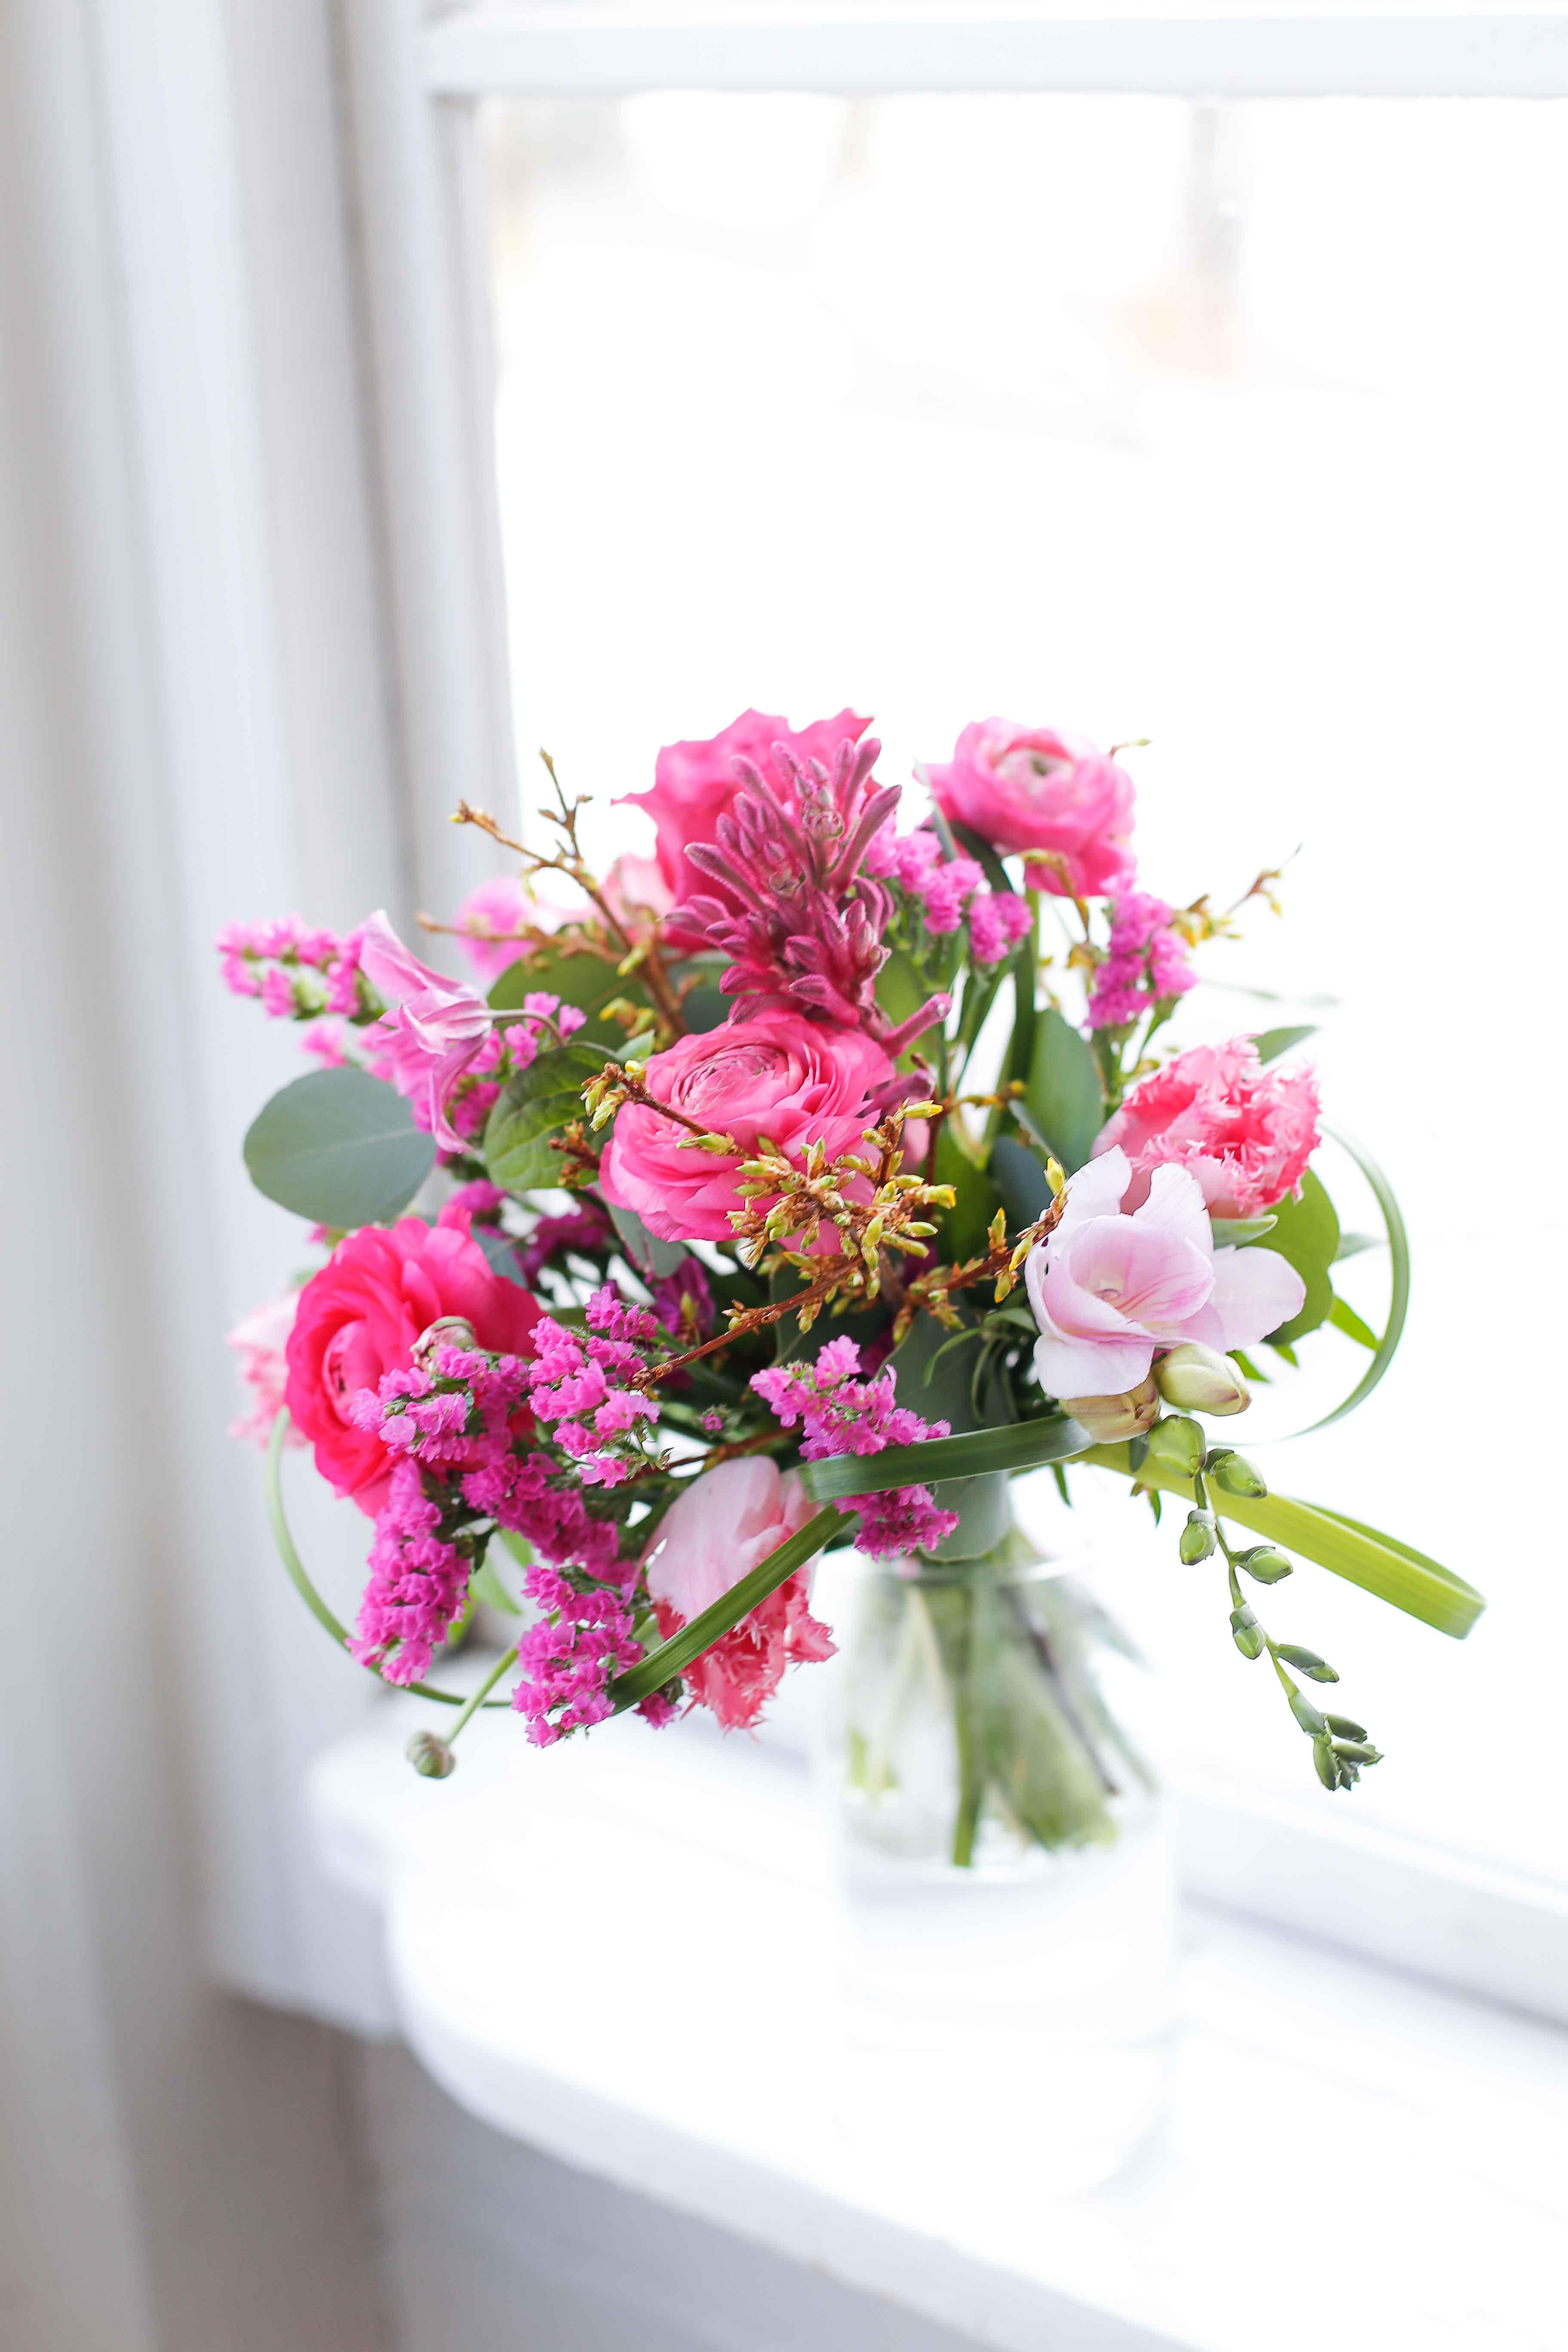 Ystävänpäiväkimppu on sidottu leinikeistä ja freesioista. Seon pinkki väriltään.